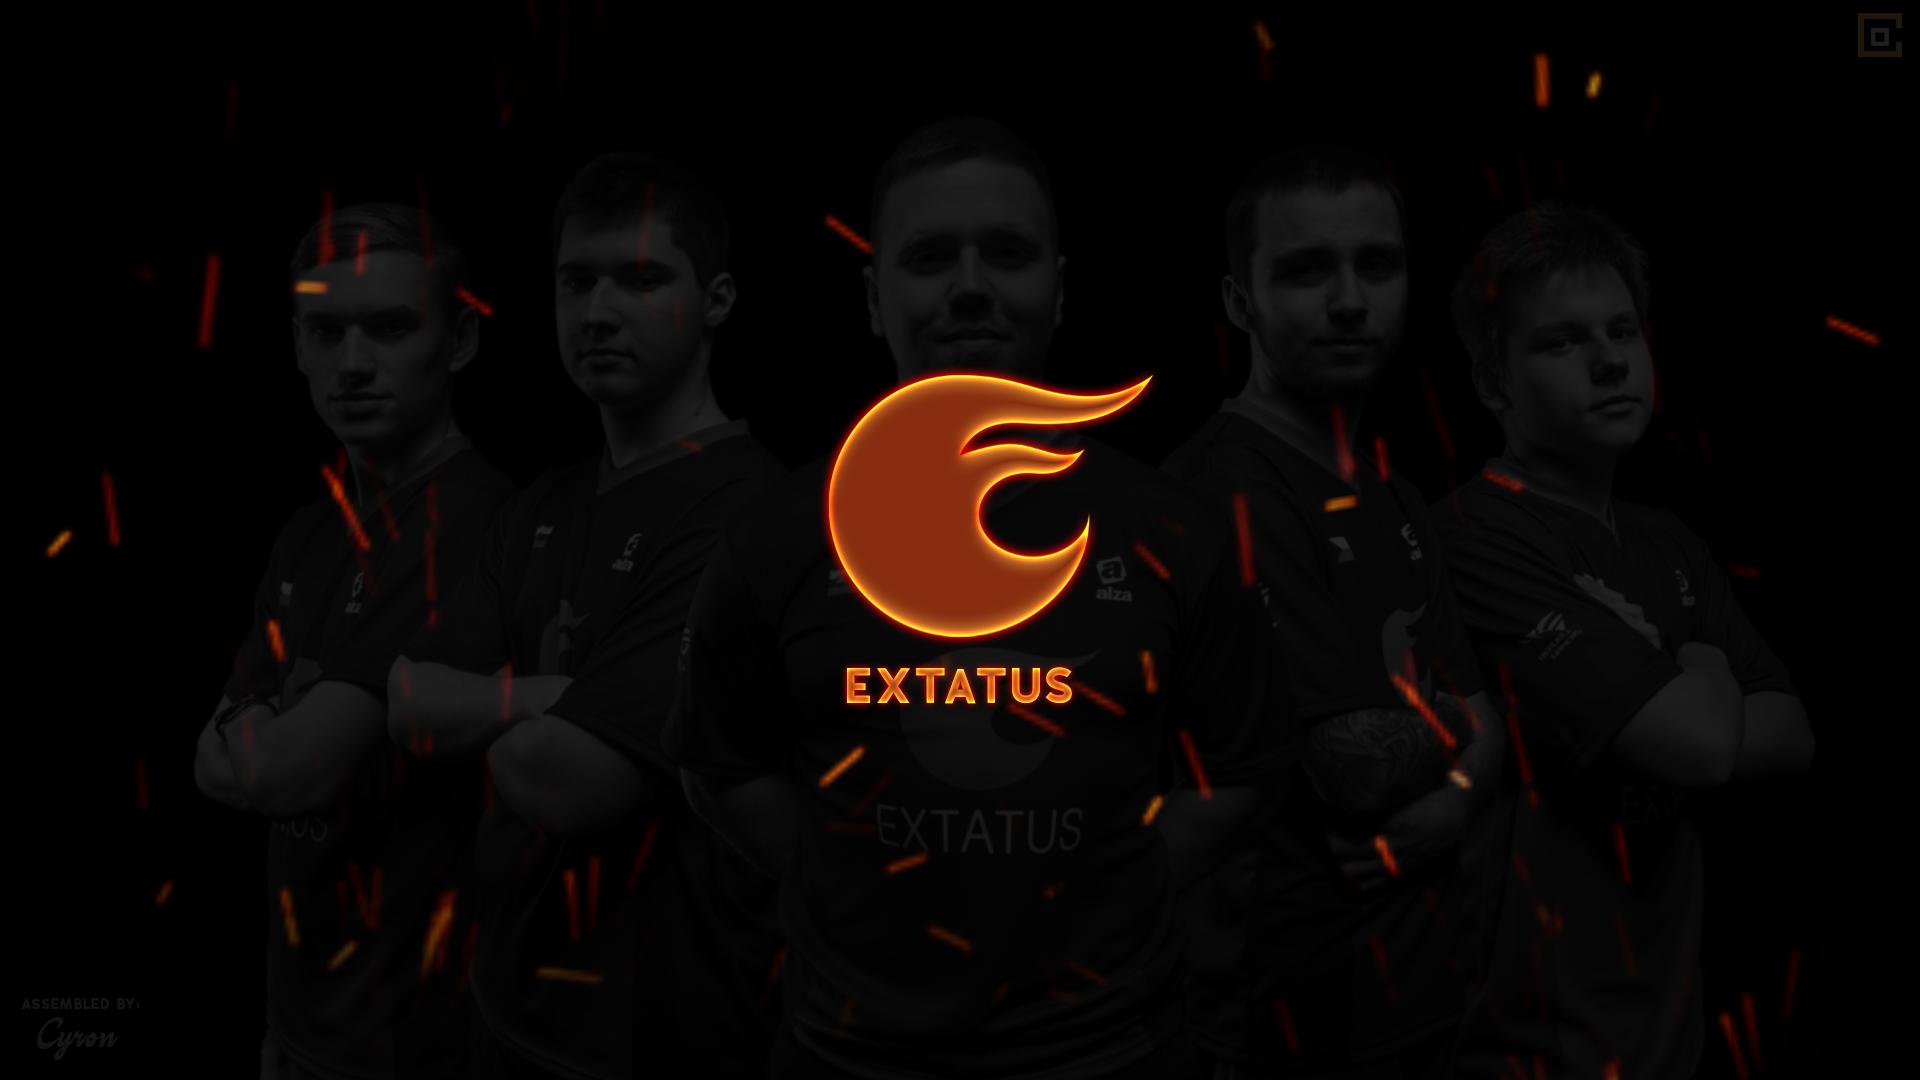 Premium eXtatus Wallpaper